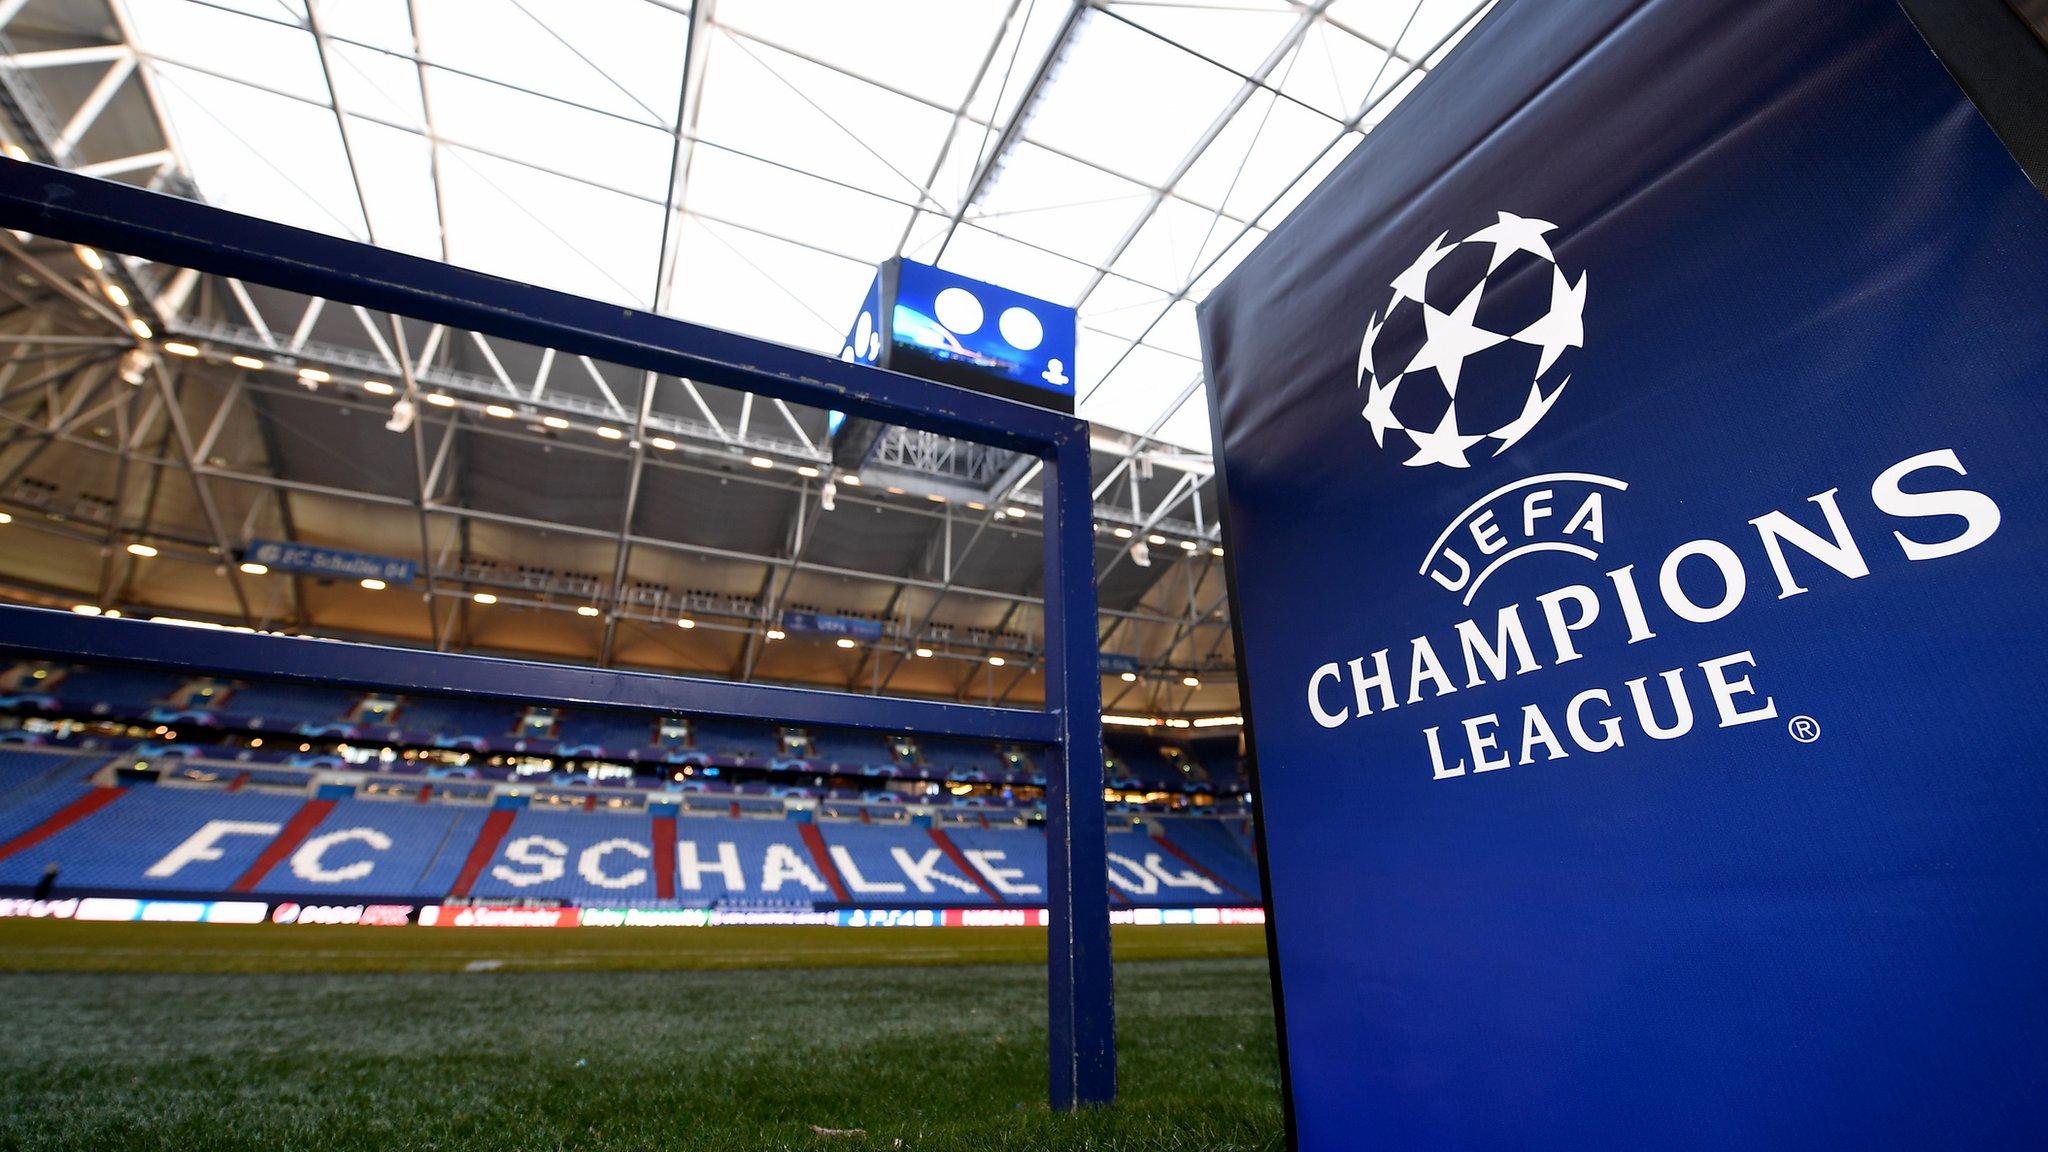 Man City fan in critical condition following assault after Schalke game